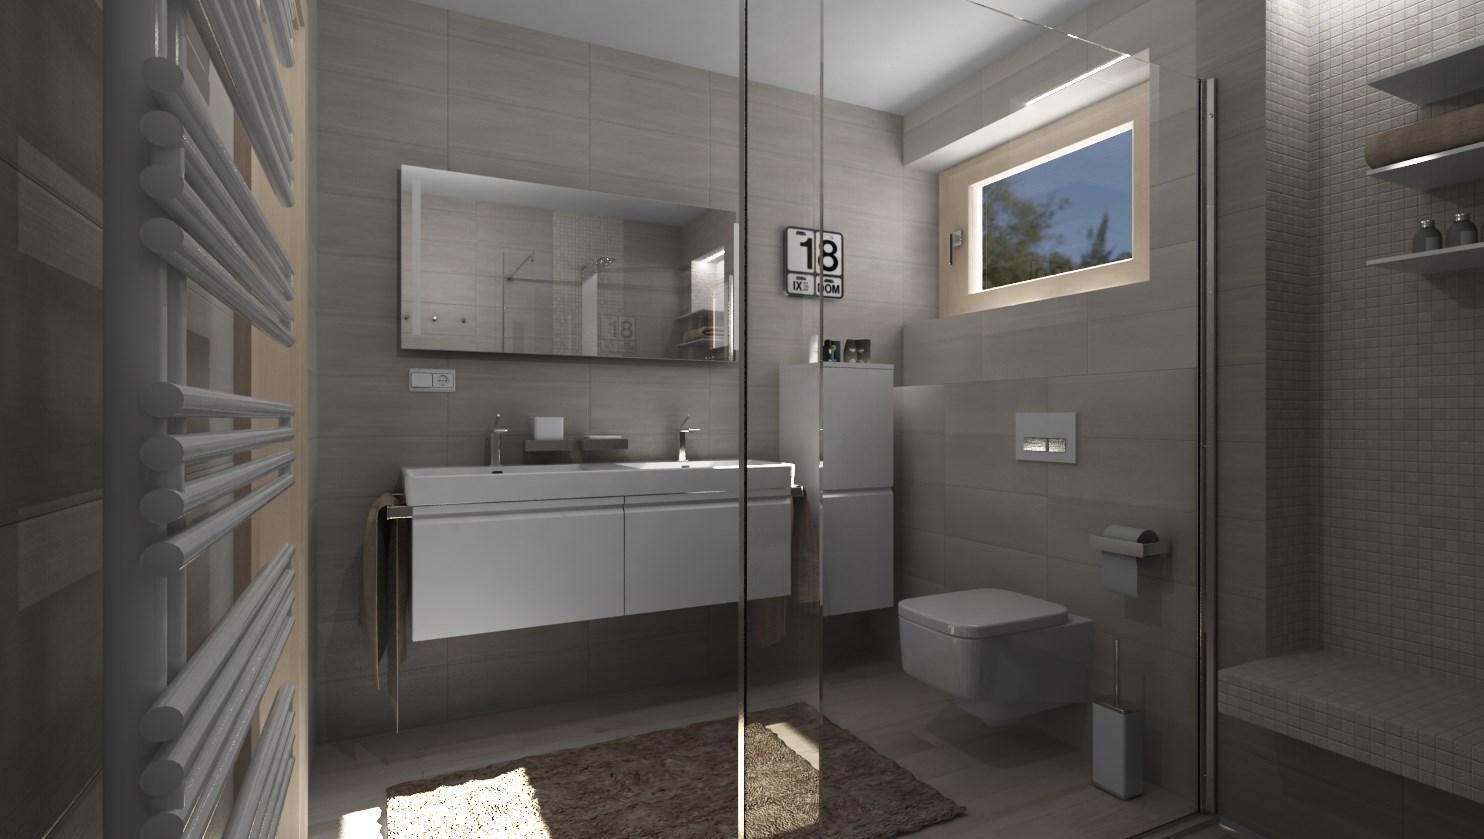 Vizualizácie kúpeľne - Vizualizácia kúpeľne BENEVA - obklad GRIGIO 20x50 - 29,90 /m2